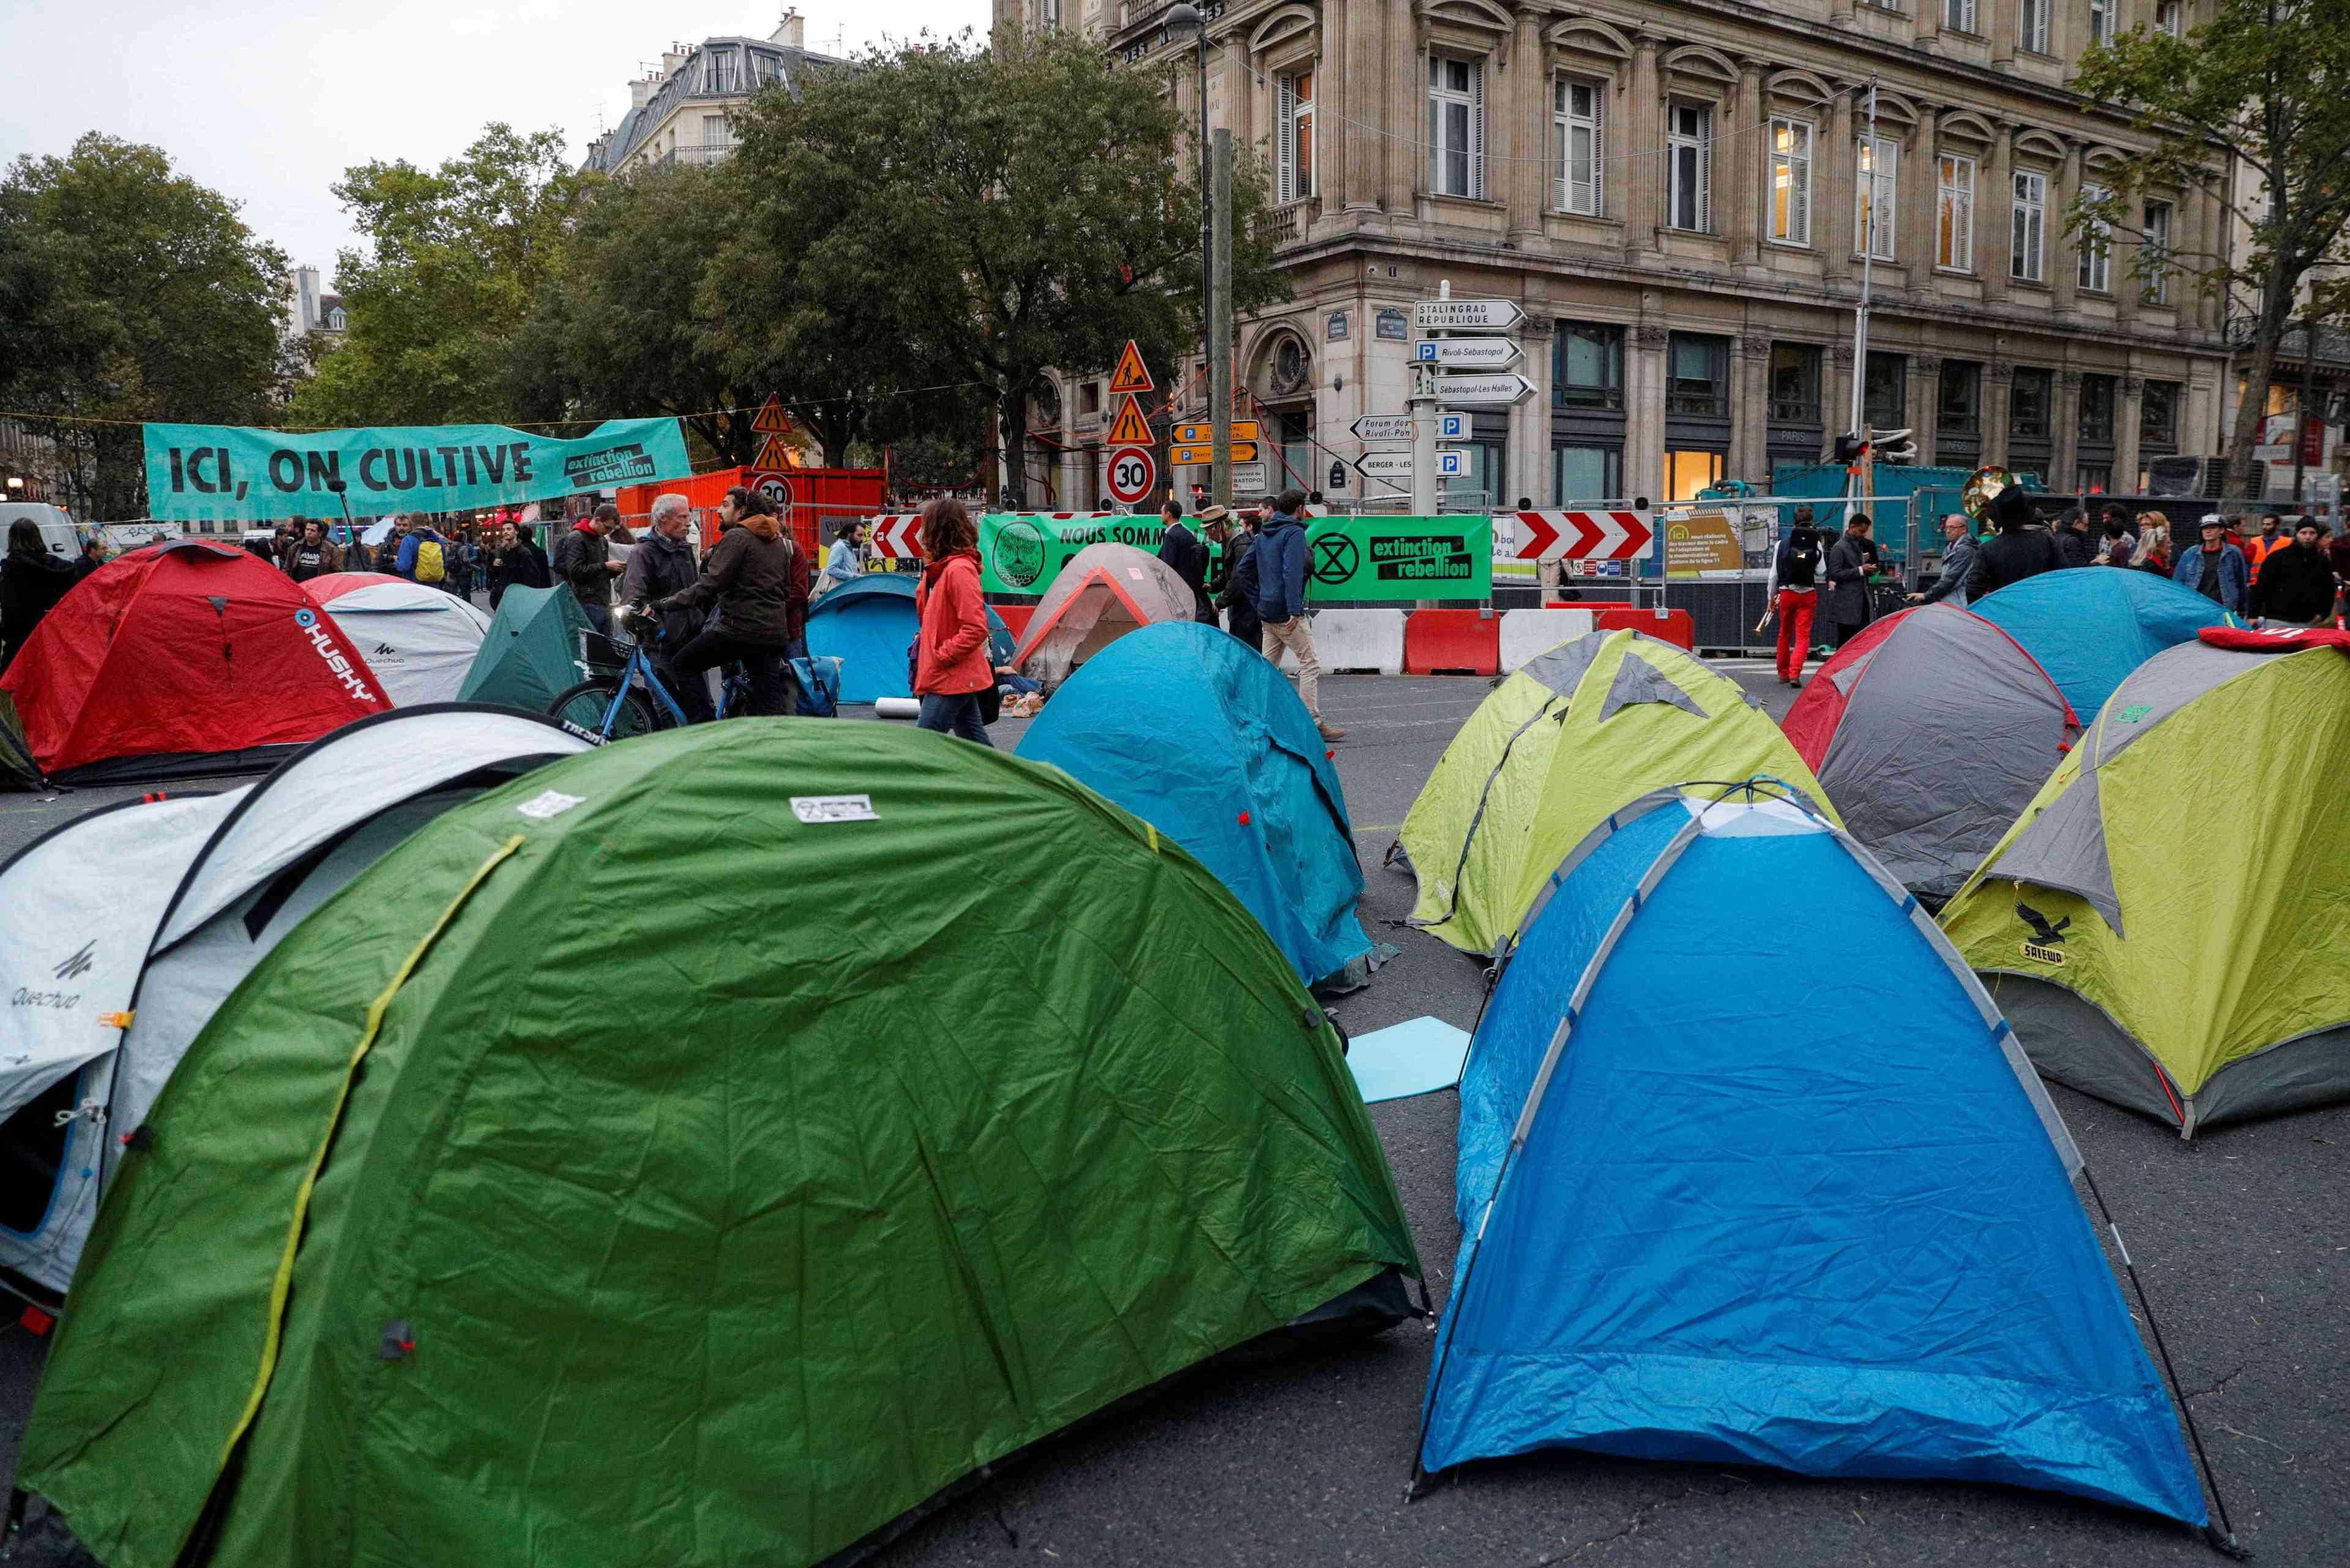 Des militants plantent des tentes pour bloquer la rue, place du Châtelet, à Paris, le 7 octobre.